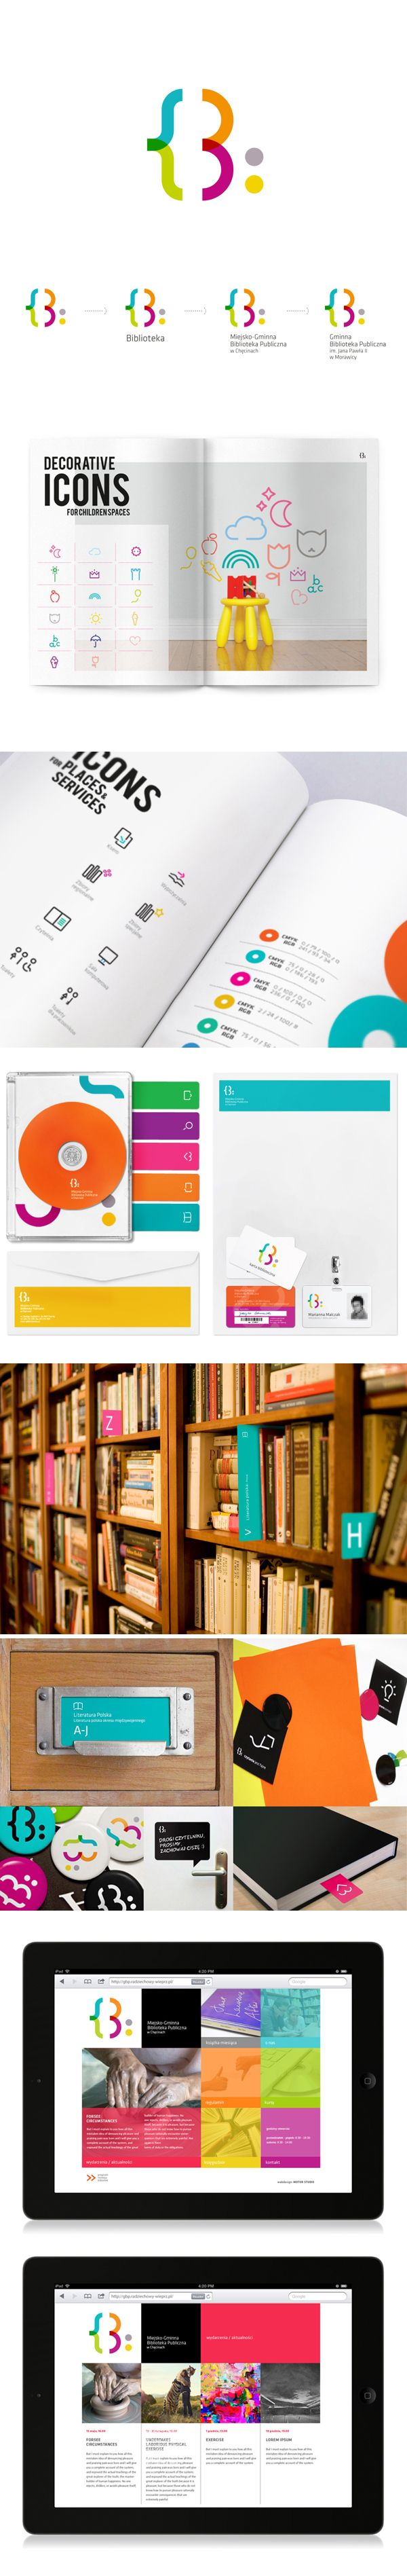 Jedem Geschäftsbereich eine eigene Farbe geben, die alle im Logo vorkommen